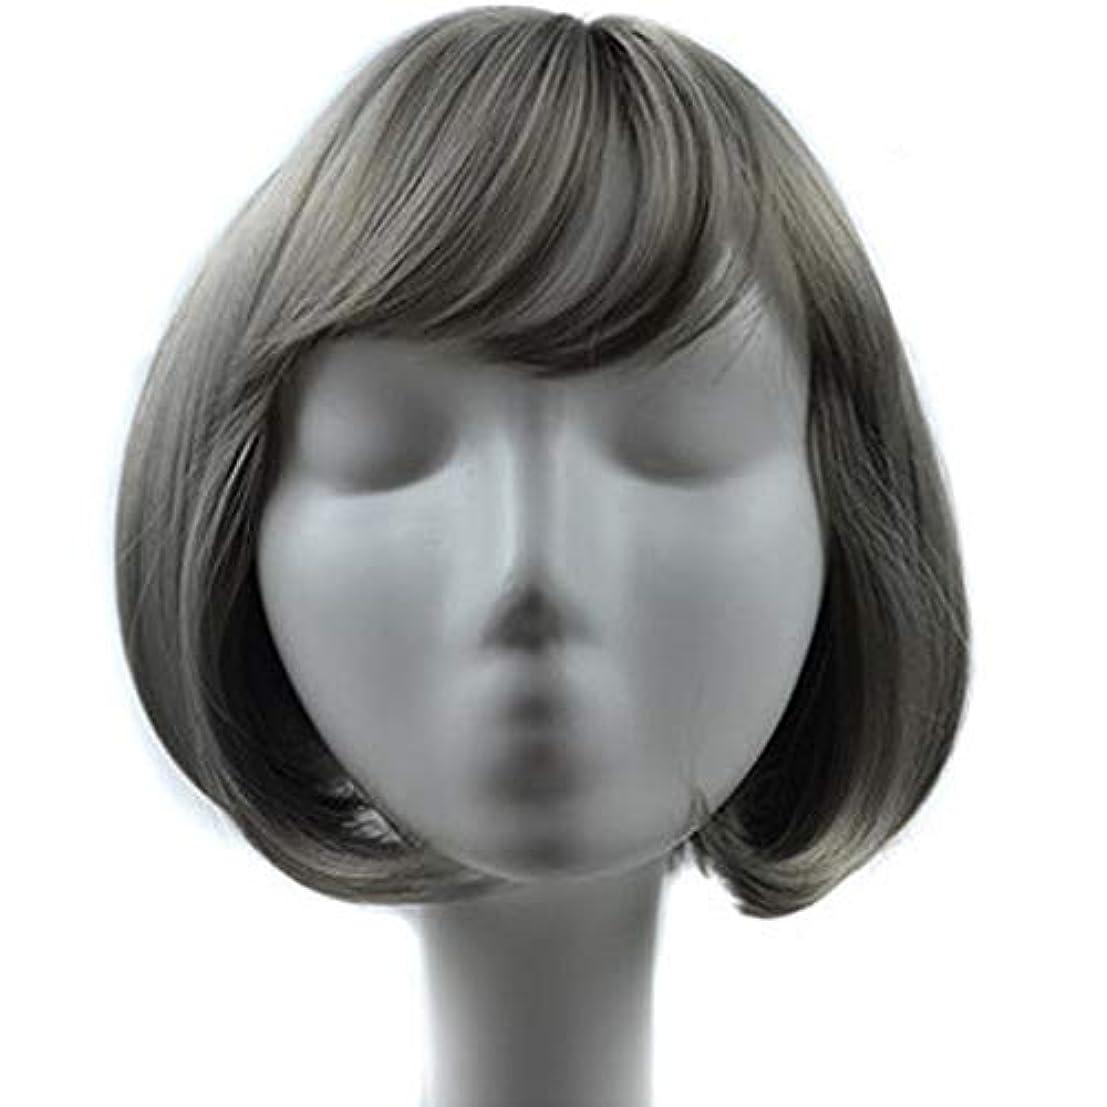 概して十年詳細なLazayyii女子 かつら エアバン 天然のリアル ヘア前髪エアバンボボヘッドナシウィッグ (グレー)